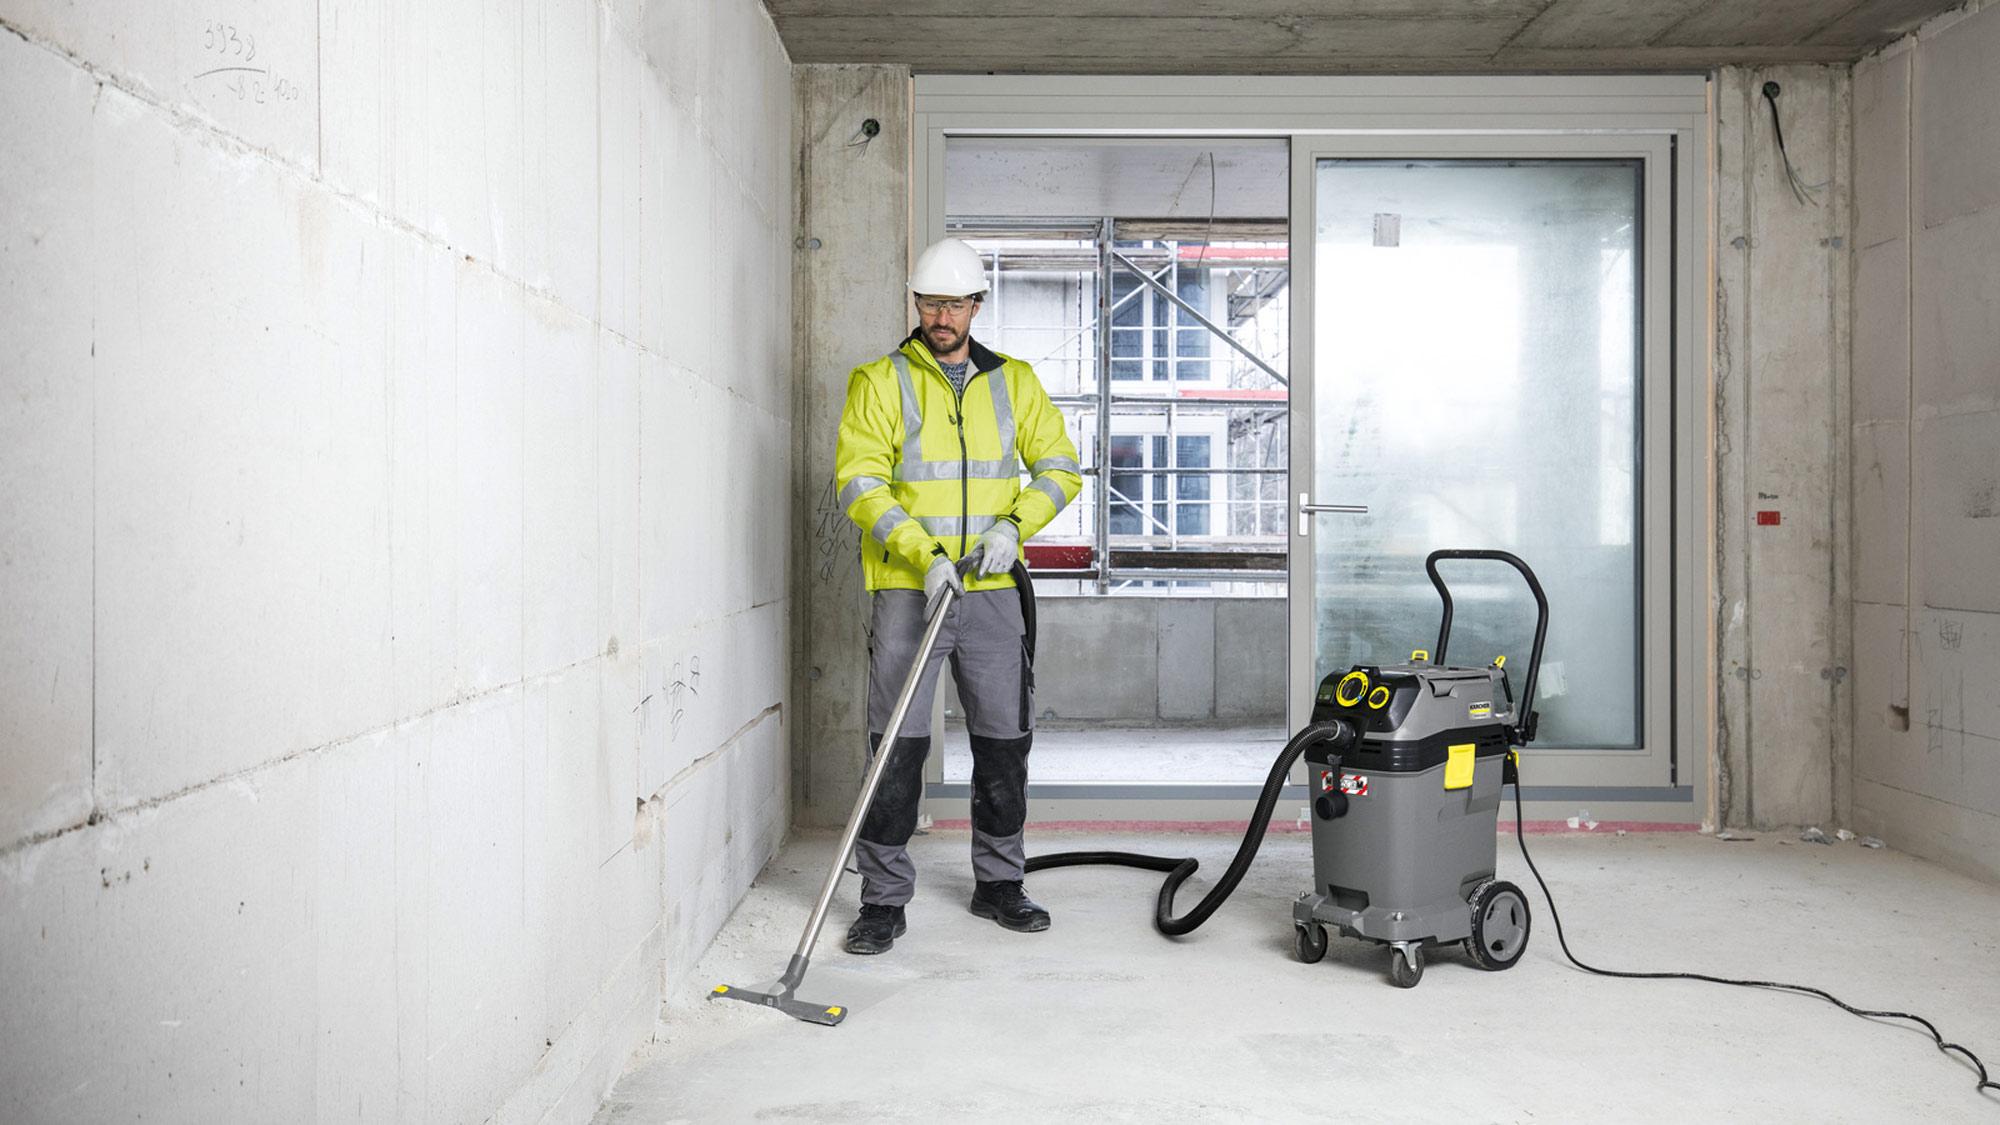 Una nuova barriera contro la polvere edile   Nuovi aspiratori Kärcher NT